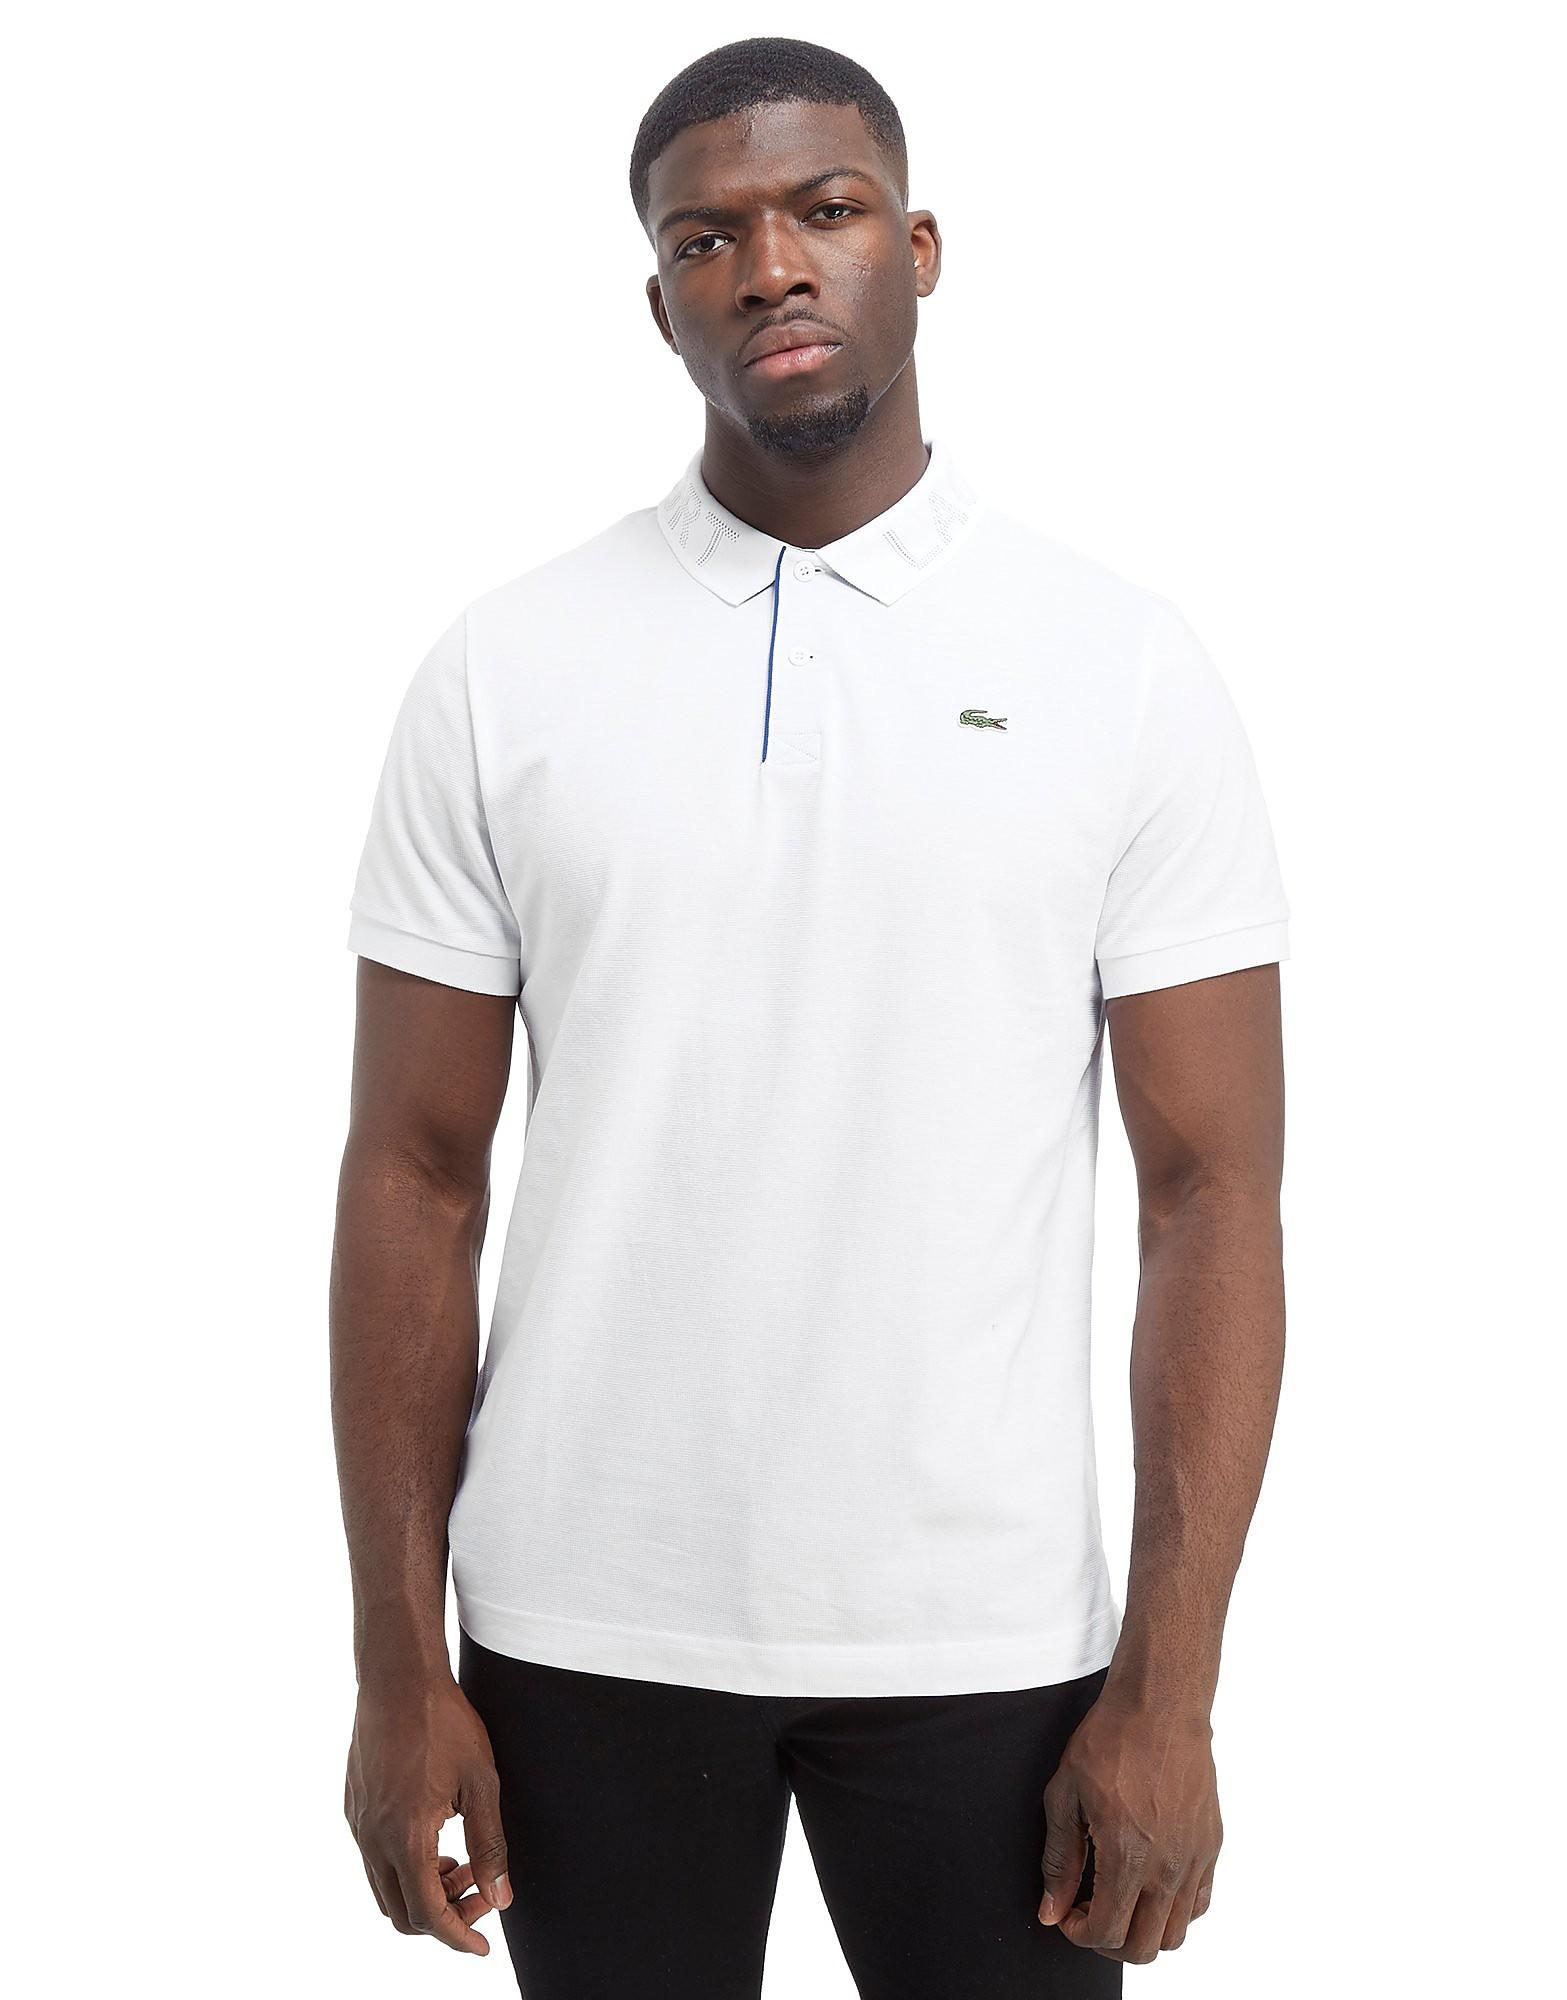 Lacoste Print Collar Polo Shirt